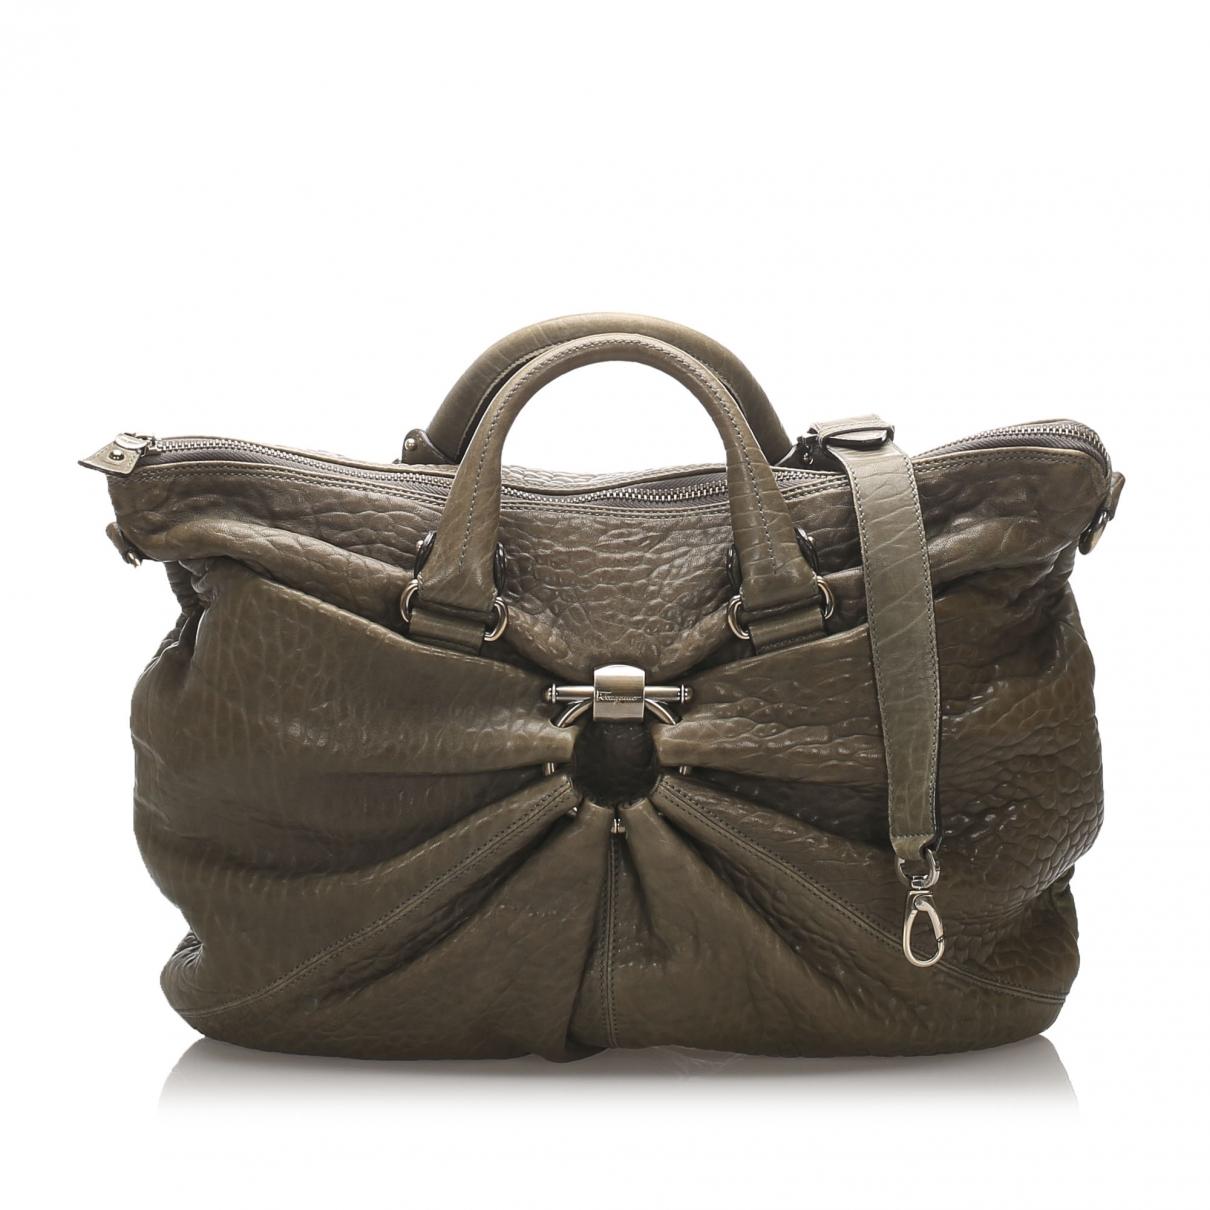 Salvatore Ferragamo \N Handtasche in  Khaki Leder